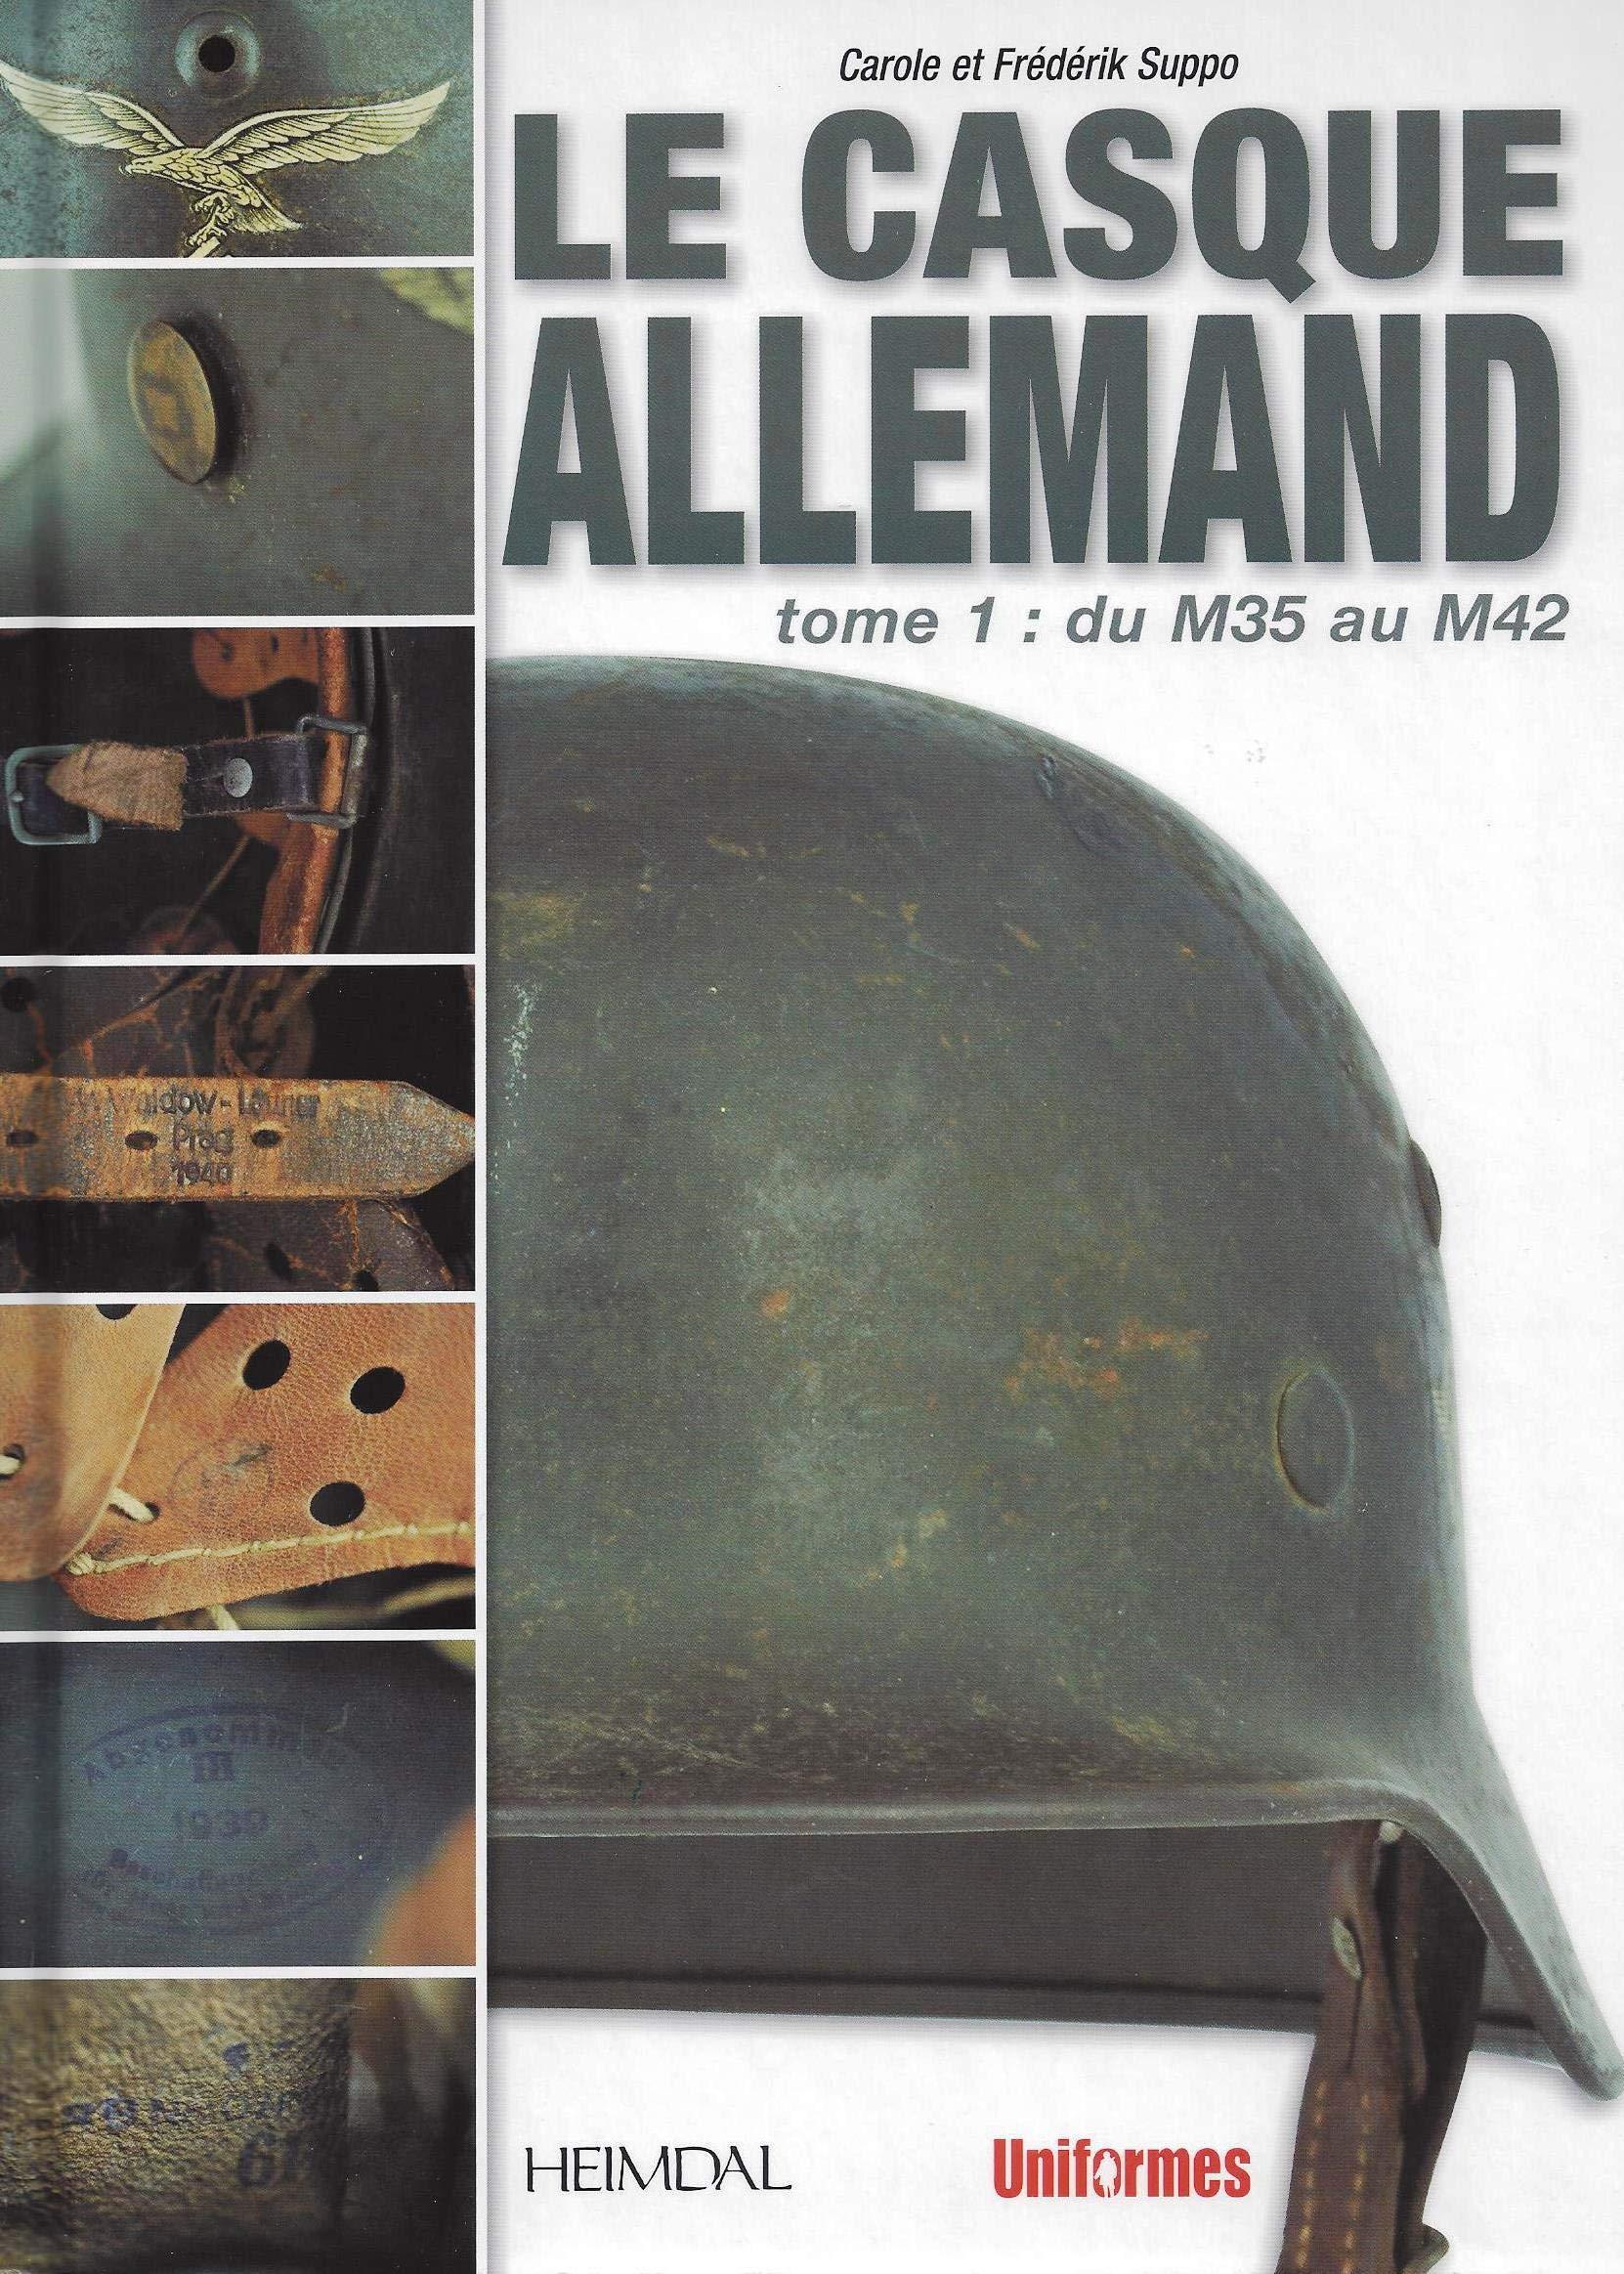 Authentification de coiffe allemande.  91nbTlNU88L